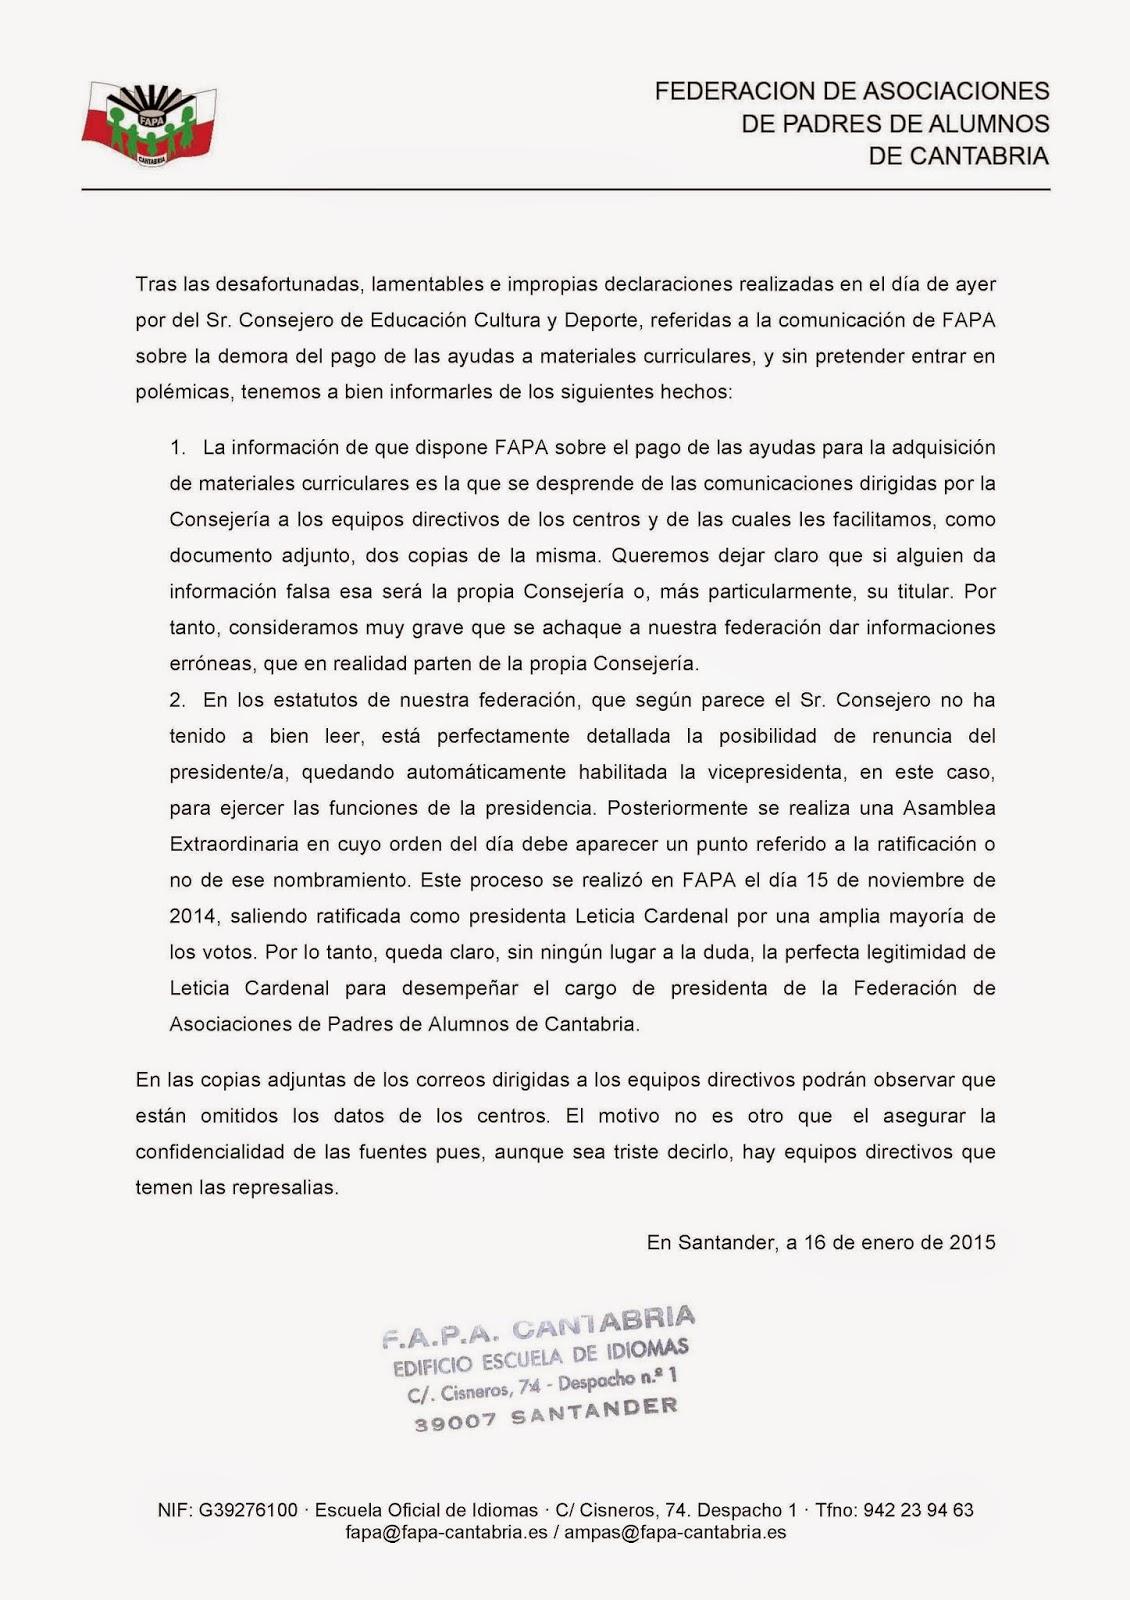 FAPA Cantabria: enero 2015